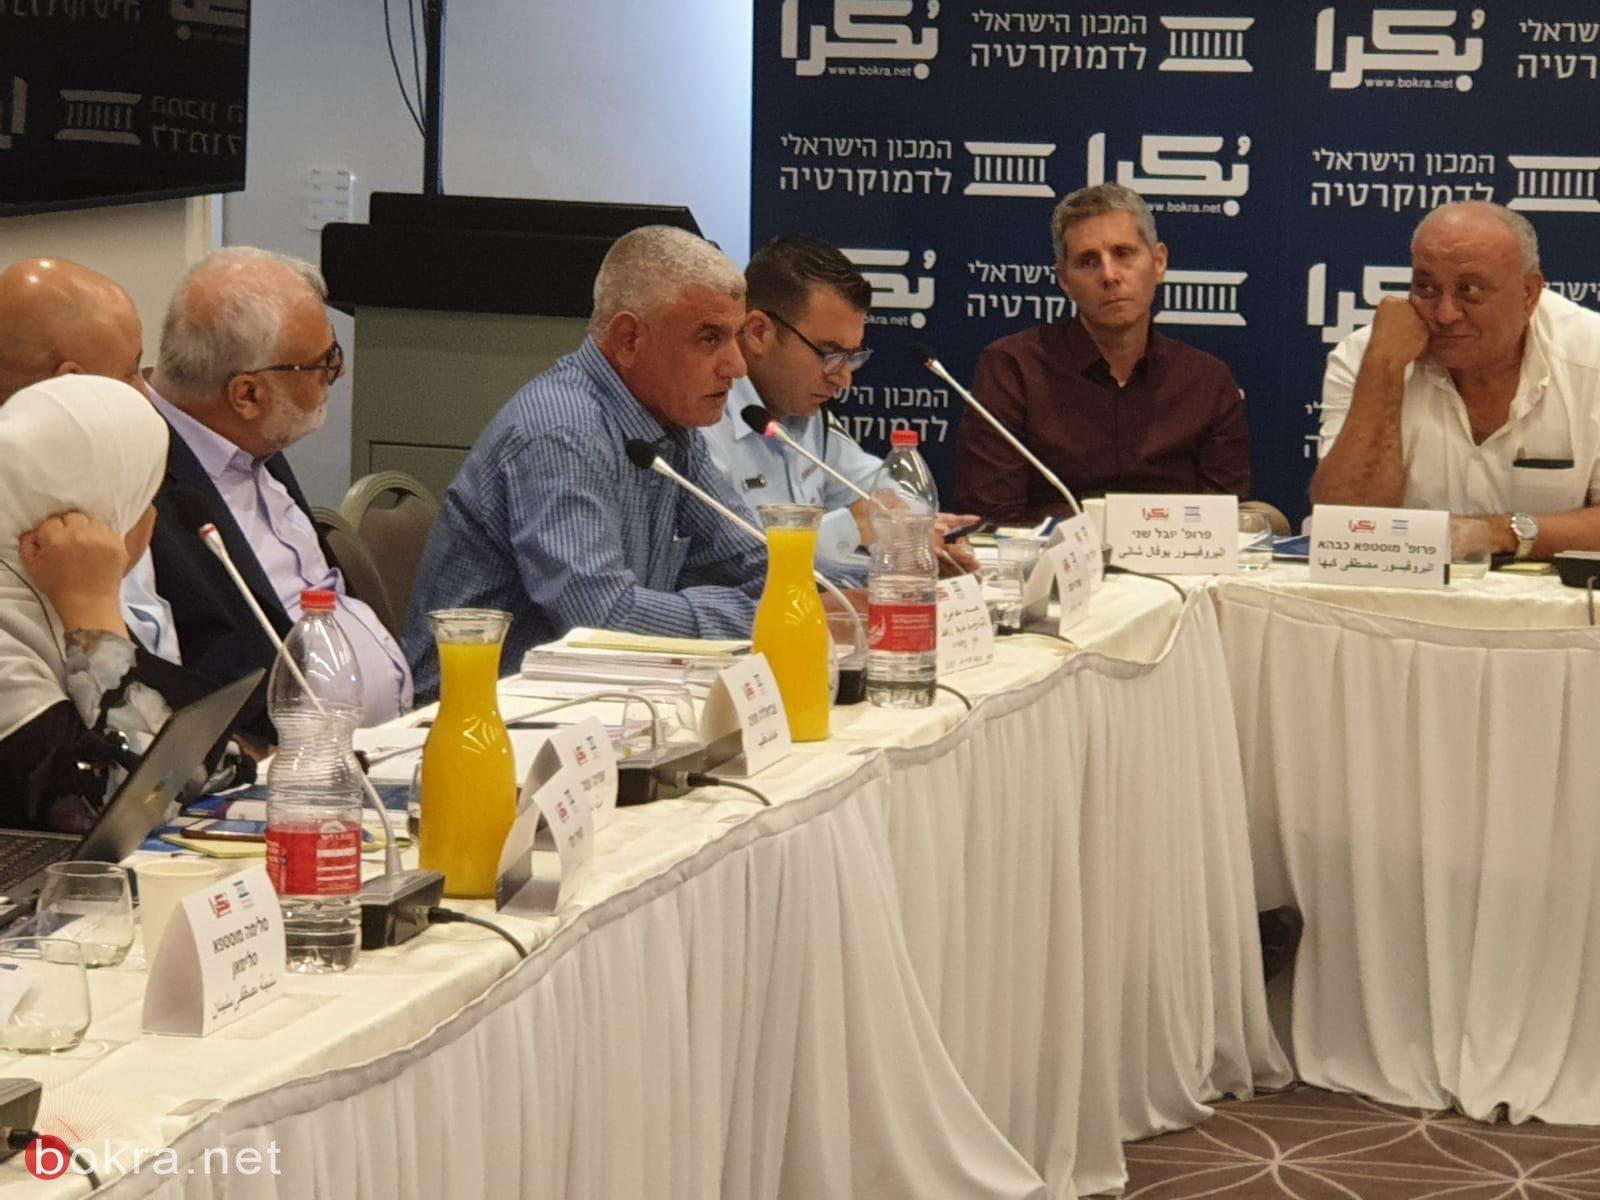 العنف في المجتمع العربي، أسبابه، والحلول لمكافحته؟ .. يوم دراسي في الناصرة-62